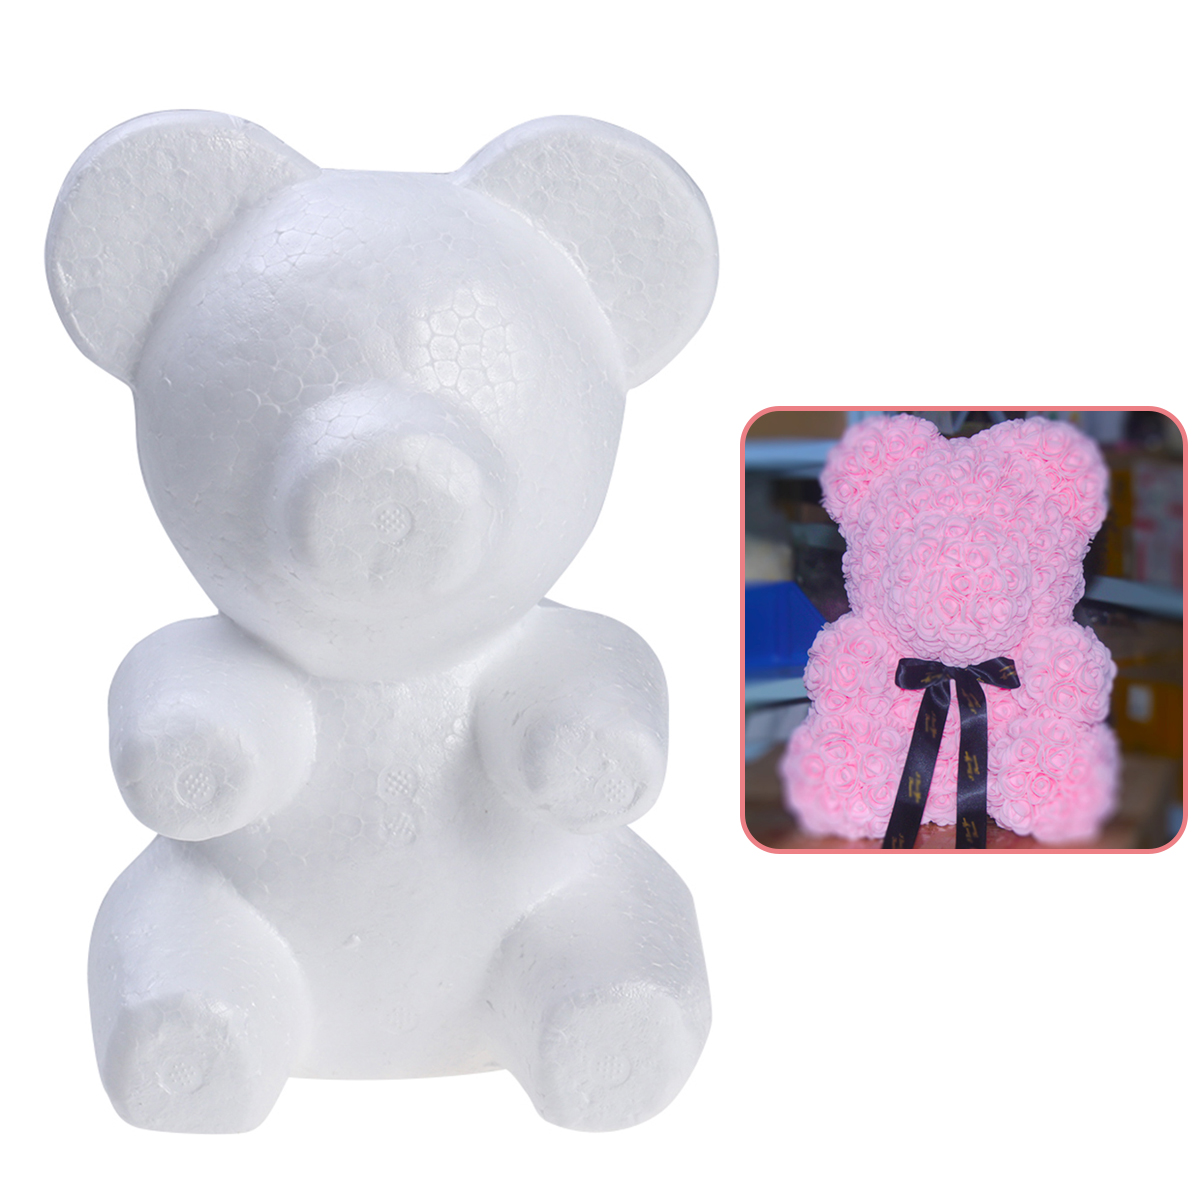 Пенополистирол пенопласт-200 мм моделирование авторские шары пены медведь плесень белый 150 для вечерние украшения партии Свадебный подарок ...